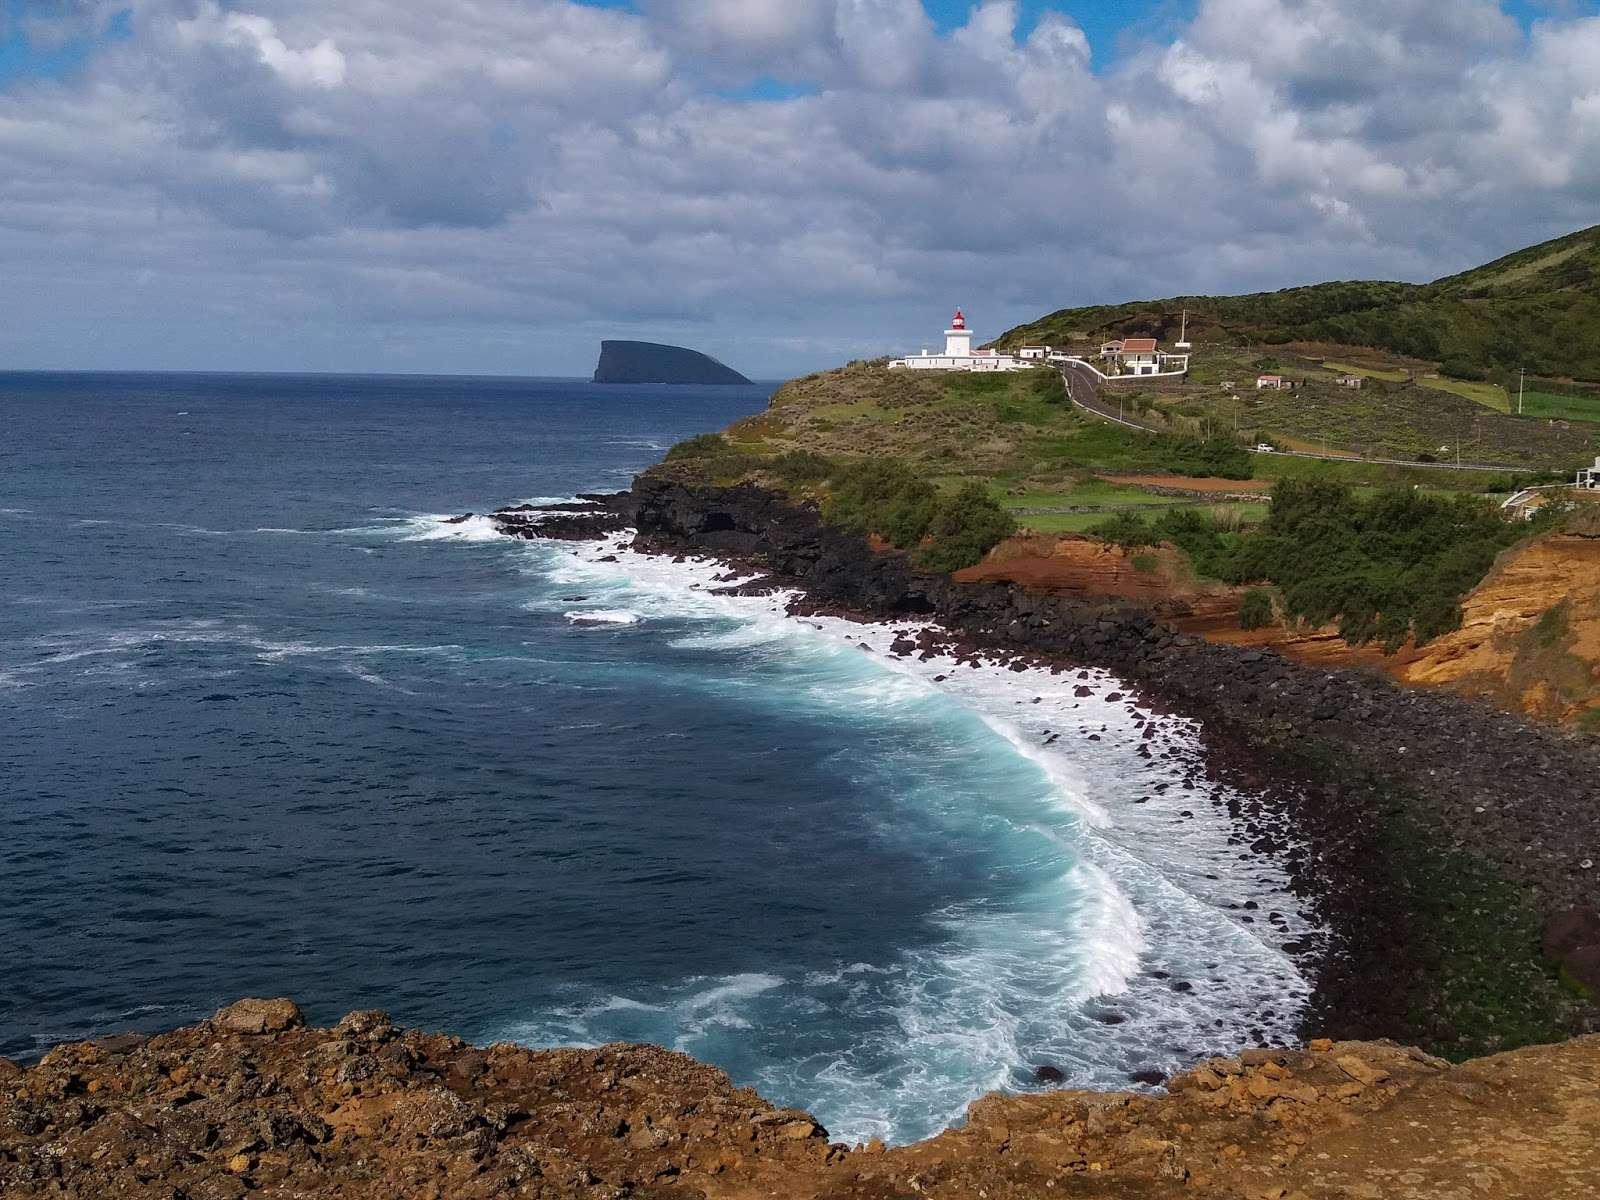 Randonnée Pico Vermelho sur l'île de Terceira à la découverte de la biodiversité des Açores